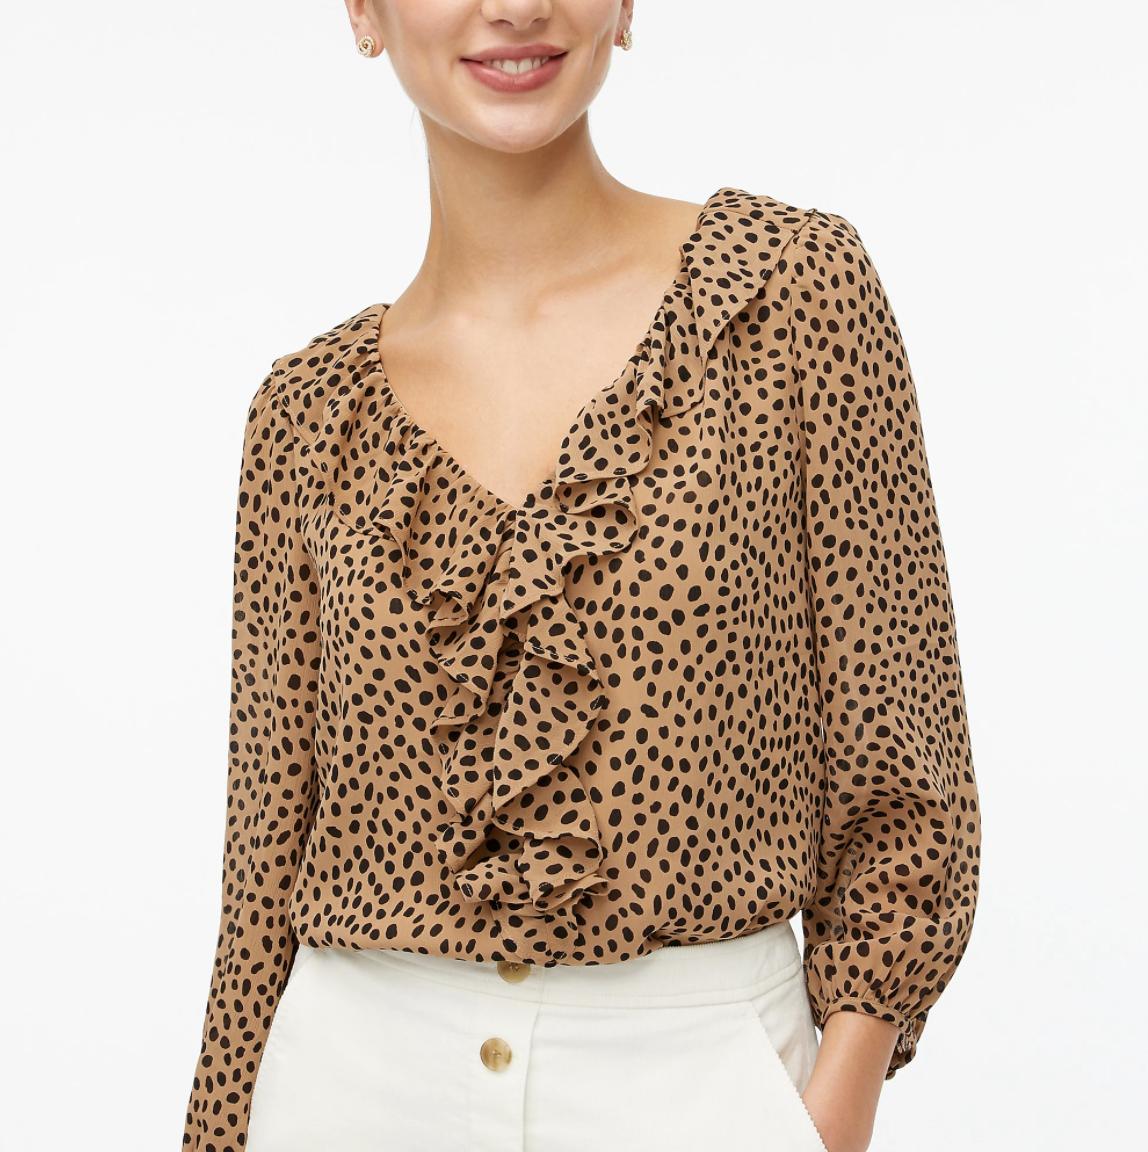 model wearing ruffle neckline V-neck blouse